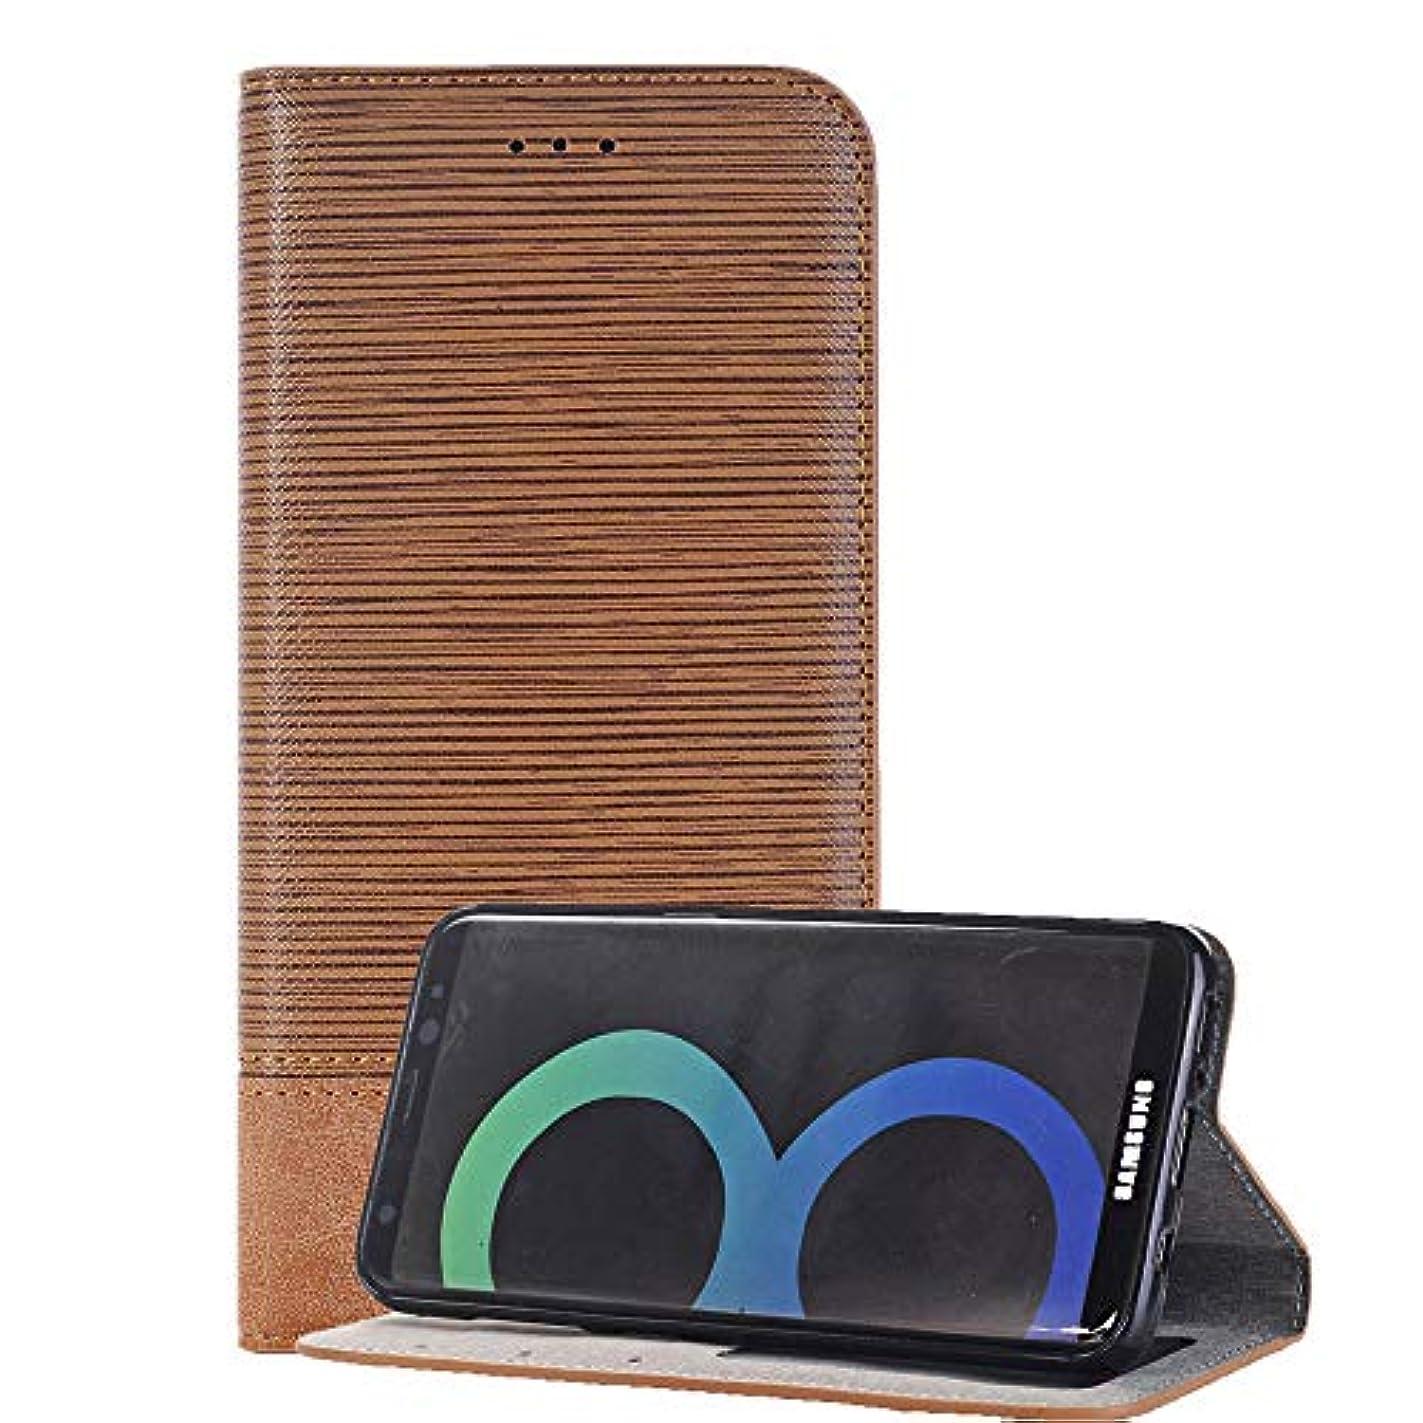 著名な寝具活発Samsung Galaxy S8 手帳型 ケース ギャラクシーs8 スマホケース カバー 脱着簡単 カードポケット 高品質 人気 おしゃれ カバー(ライトブラウン)